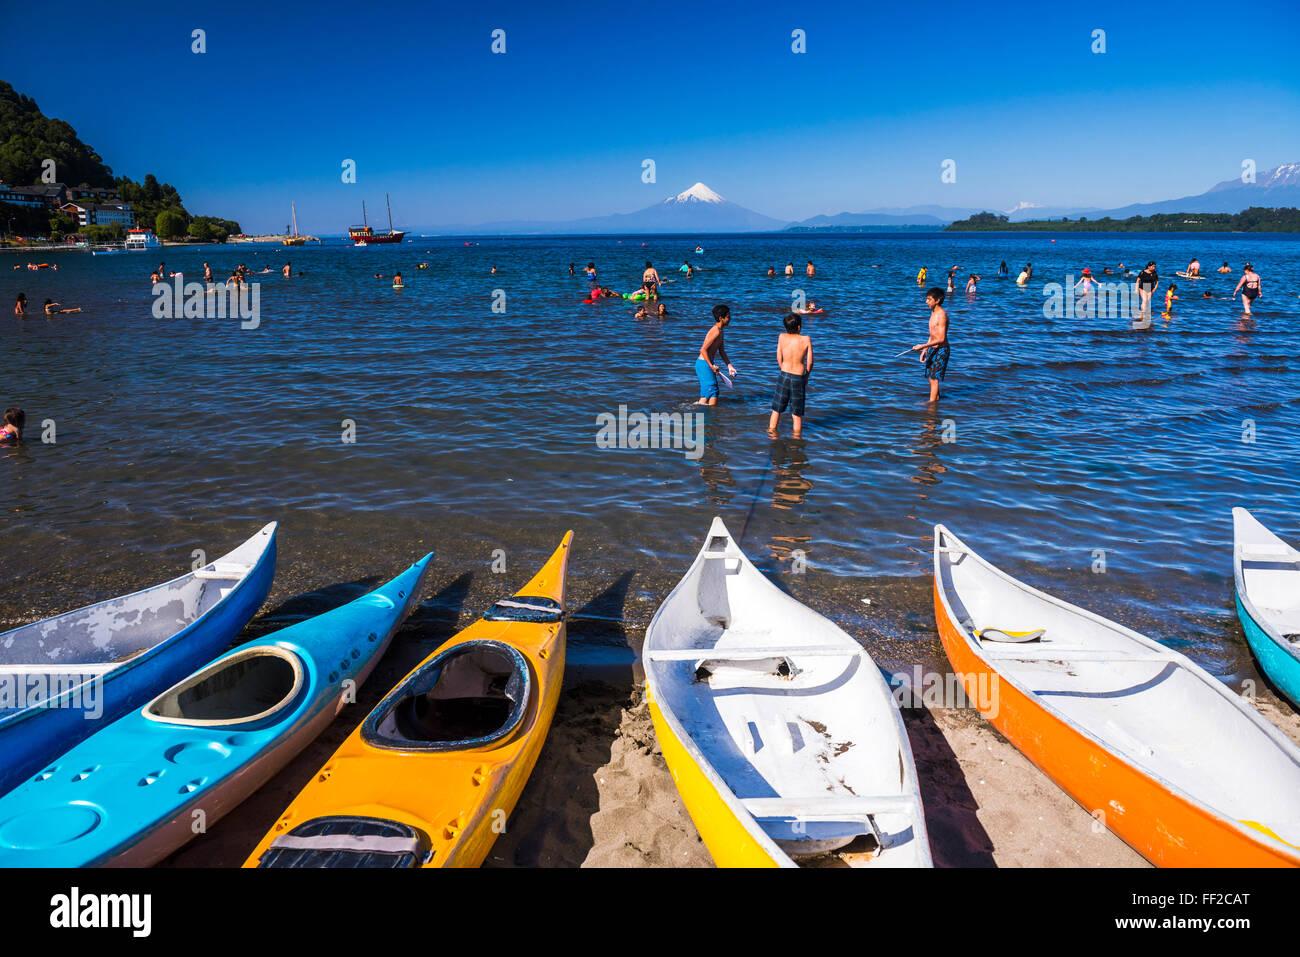 Playa de Puerto Varas con RMake RMRManquihue Osorno VoRMcano detrás, Puerto Varas, distrito, ChiRMe ChiRMe RMake, Foto de stock